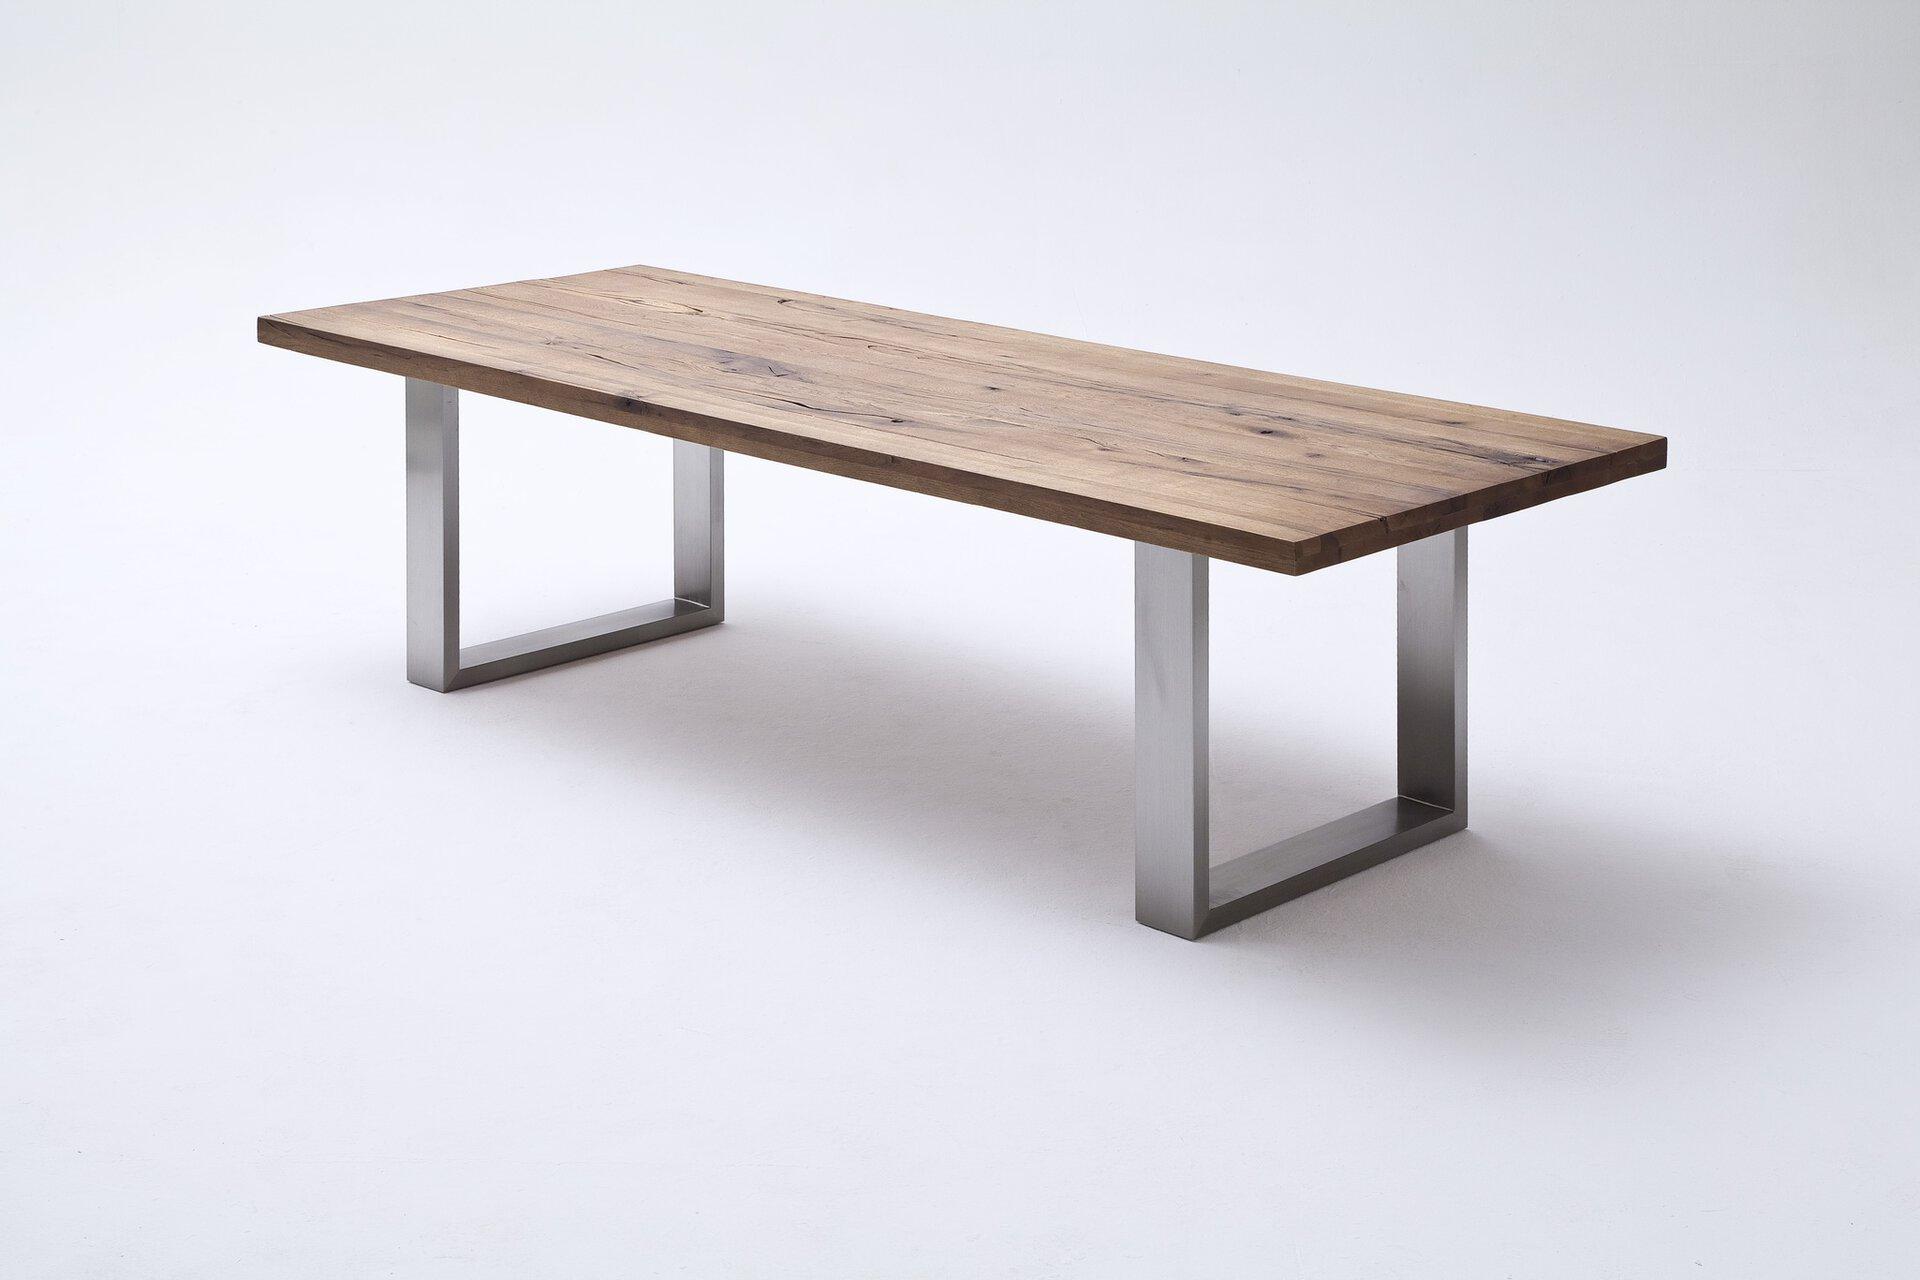 Esstisch CASTELLO MCA furniture Holz 100 x 76 x 200 cm